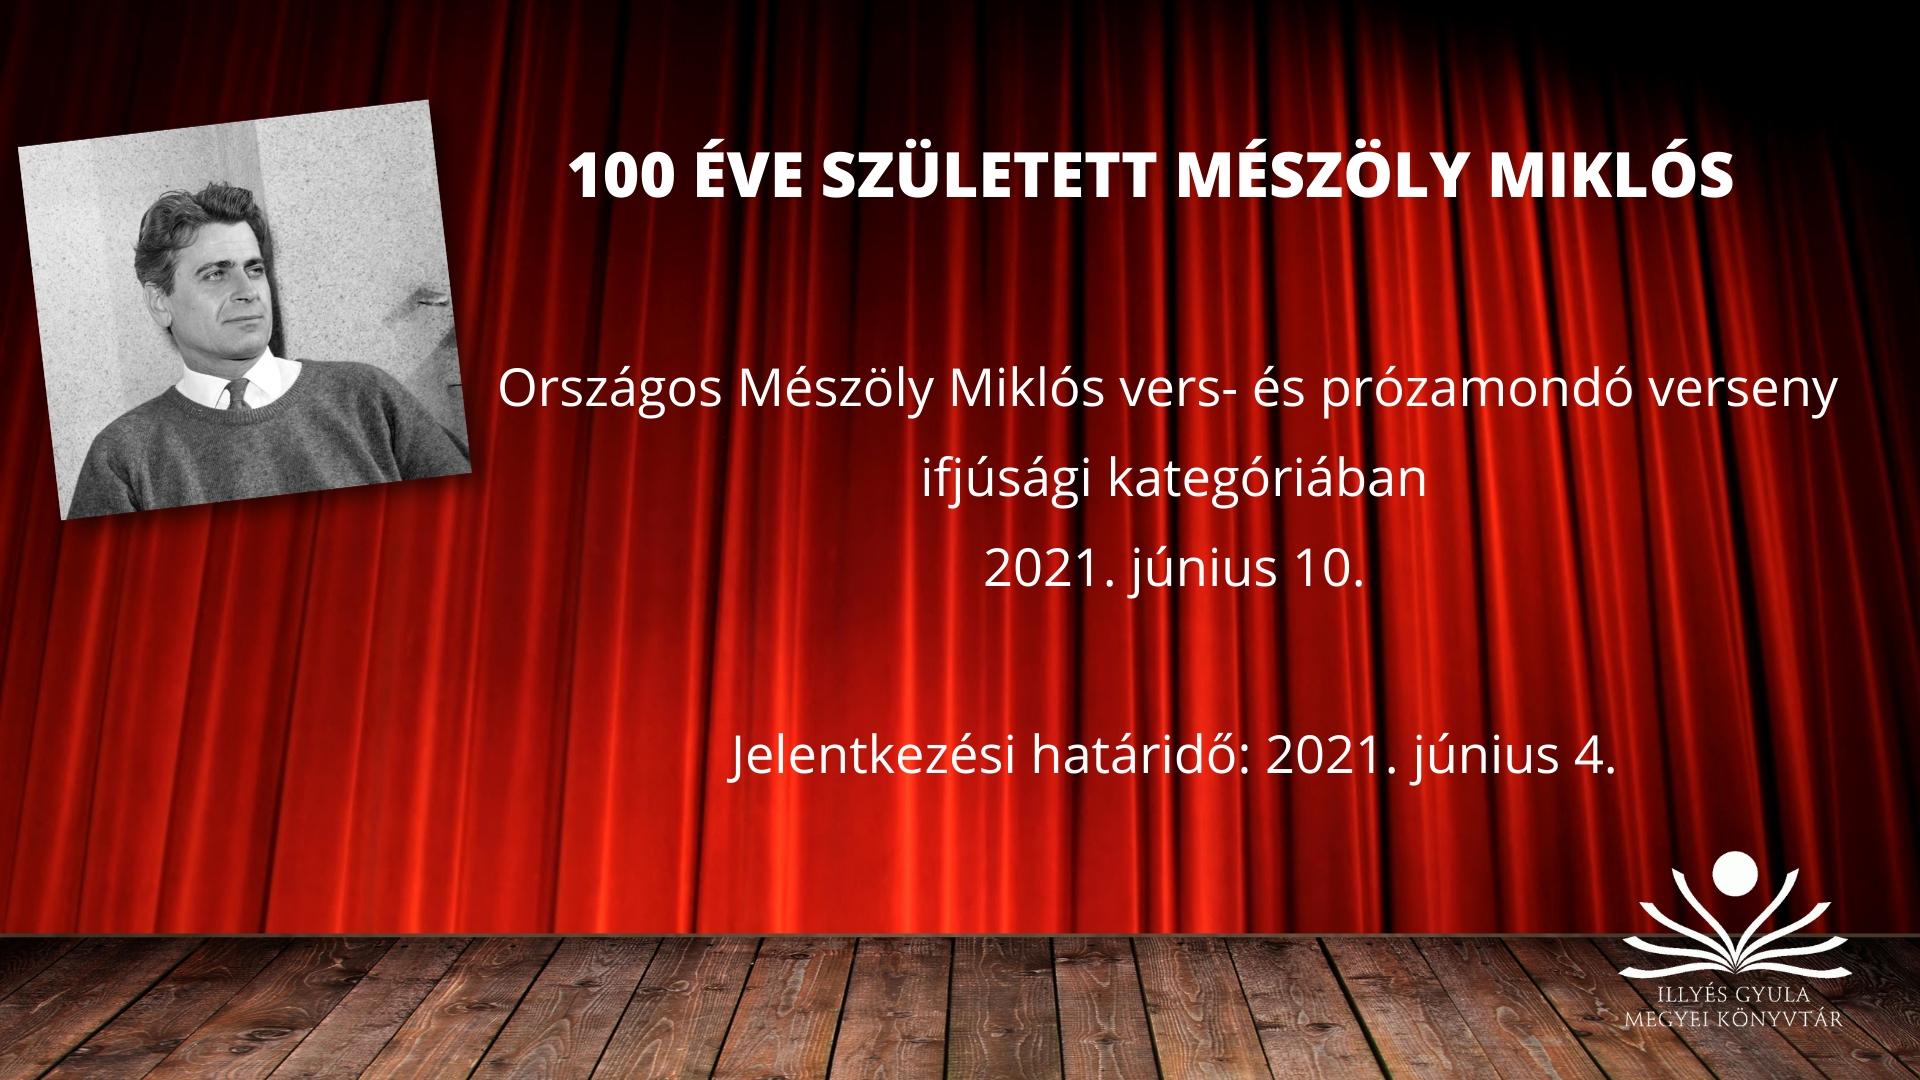 Mészöly Miklós Vers- és prózamondóverseny